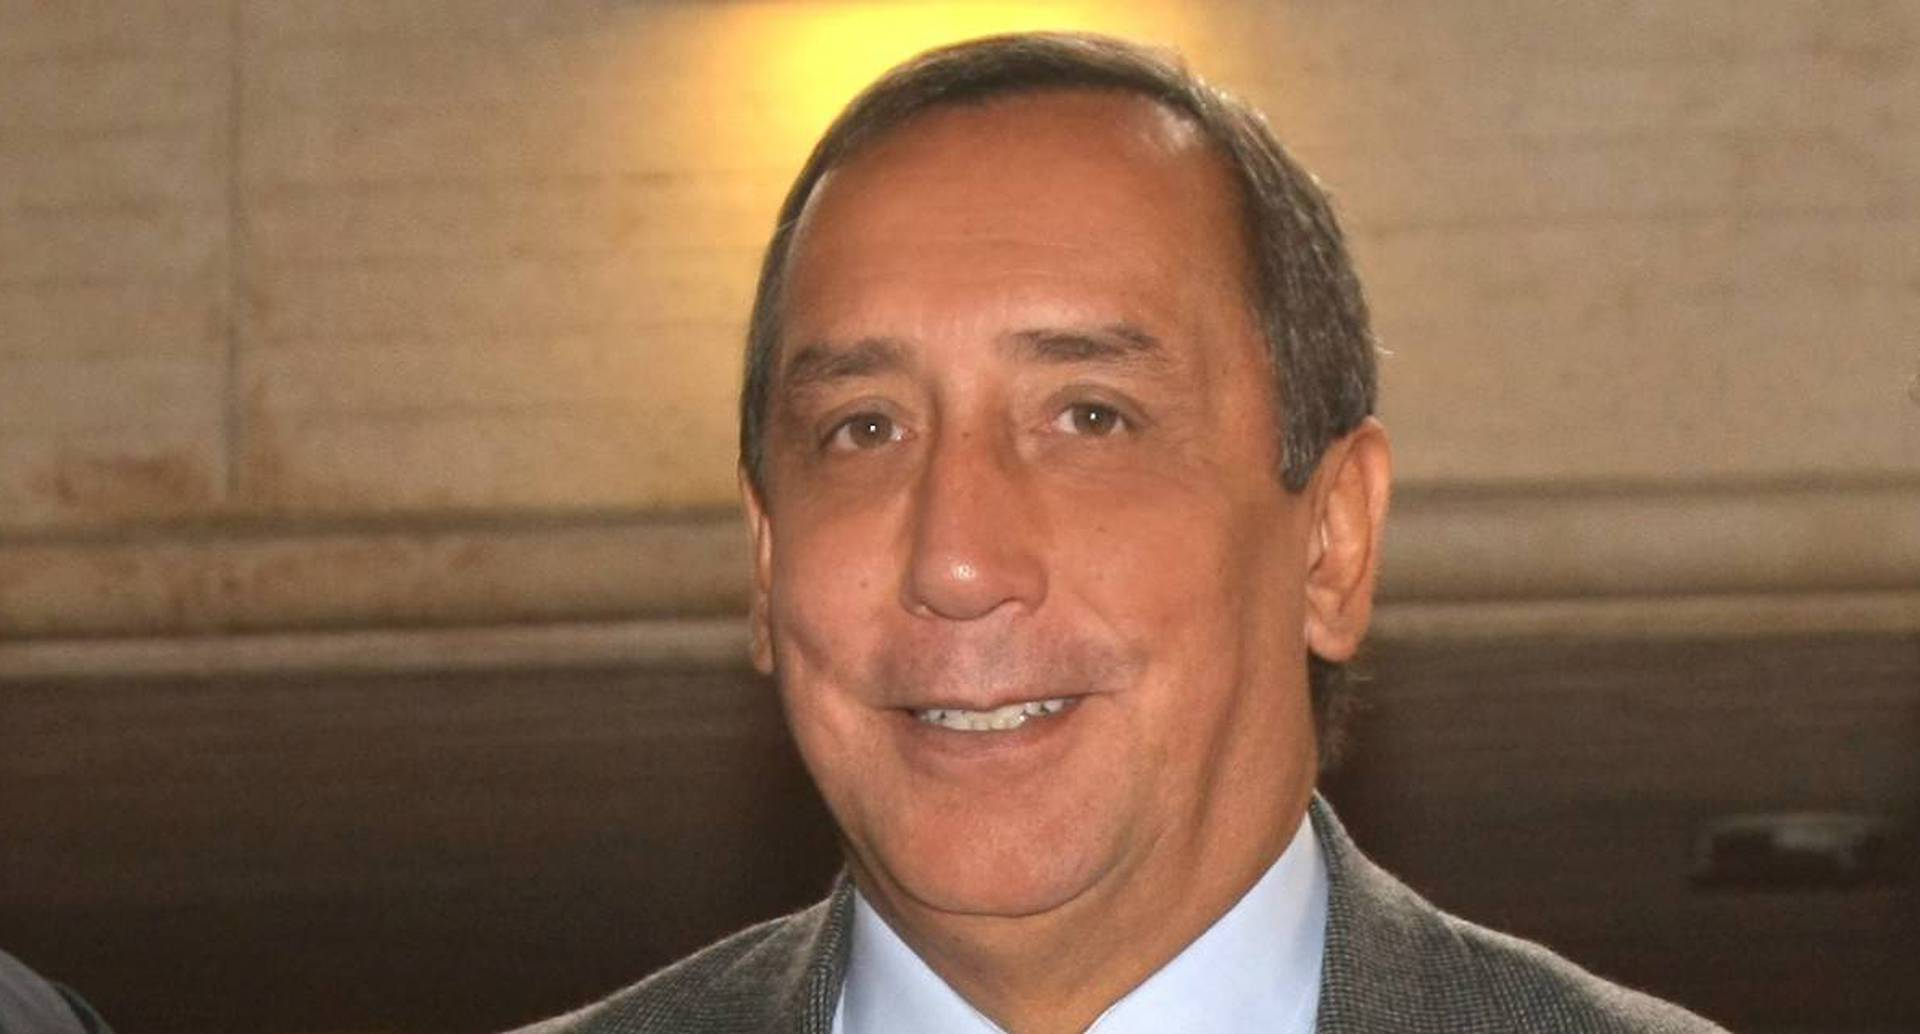 El ex congresista Luis Eladio Pérez estuvo secuestrado siete años por las Farc. Hoy recibe el apoyo del partido Farc.